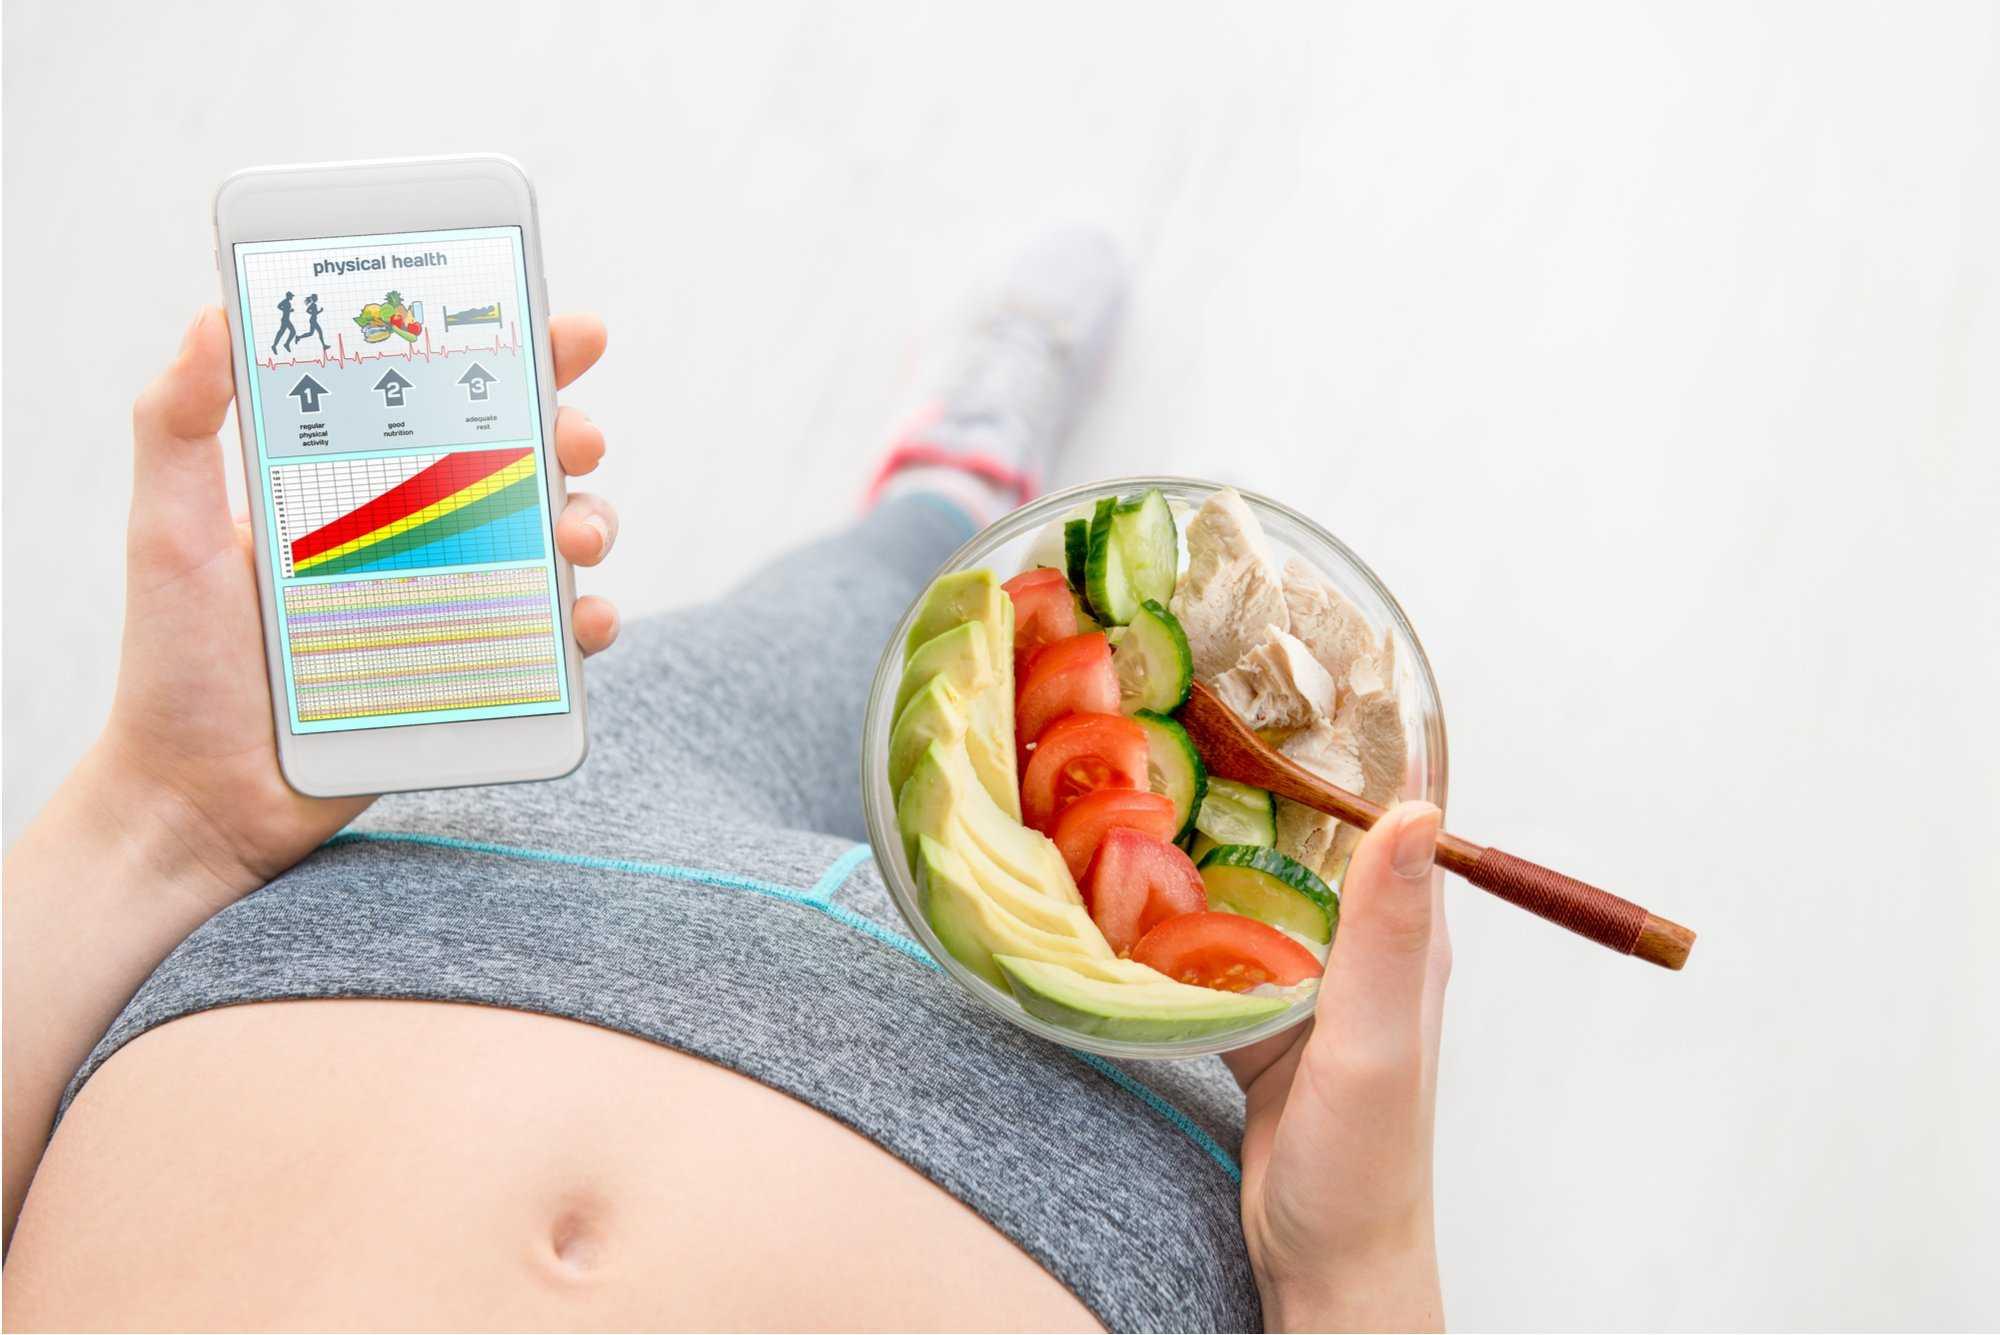 Как считать калории, чтобы похудеть, таблица. подсчет калорий для похудения, диета, меню на день